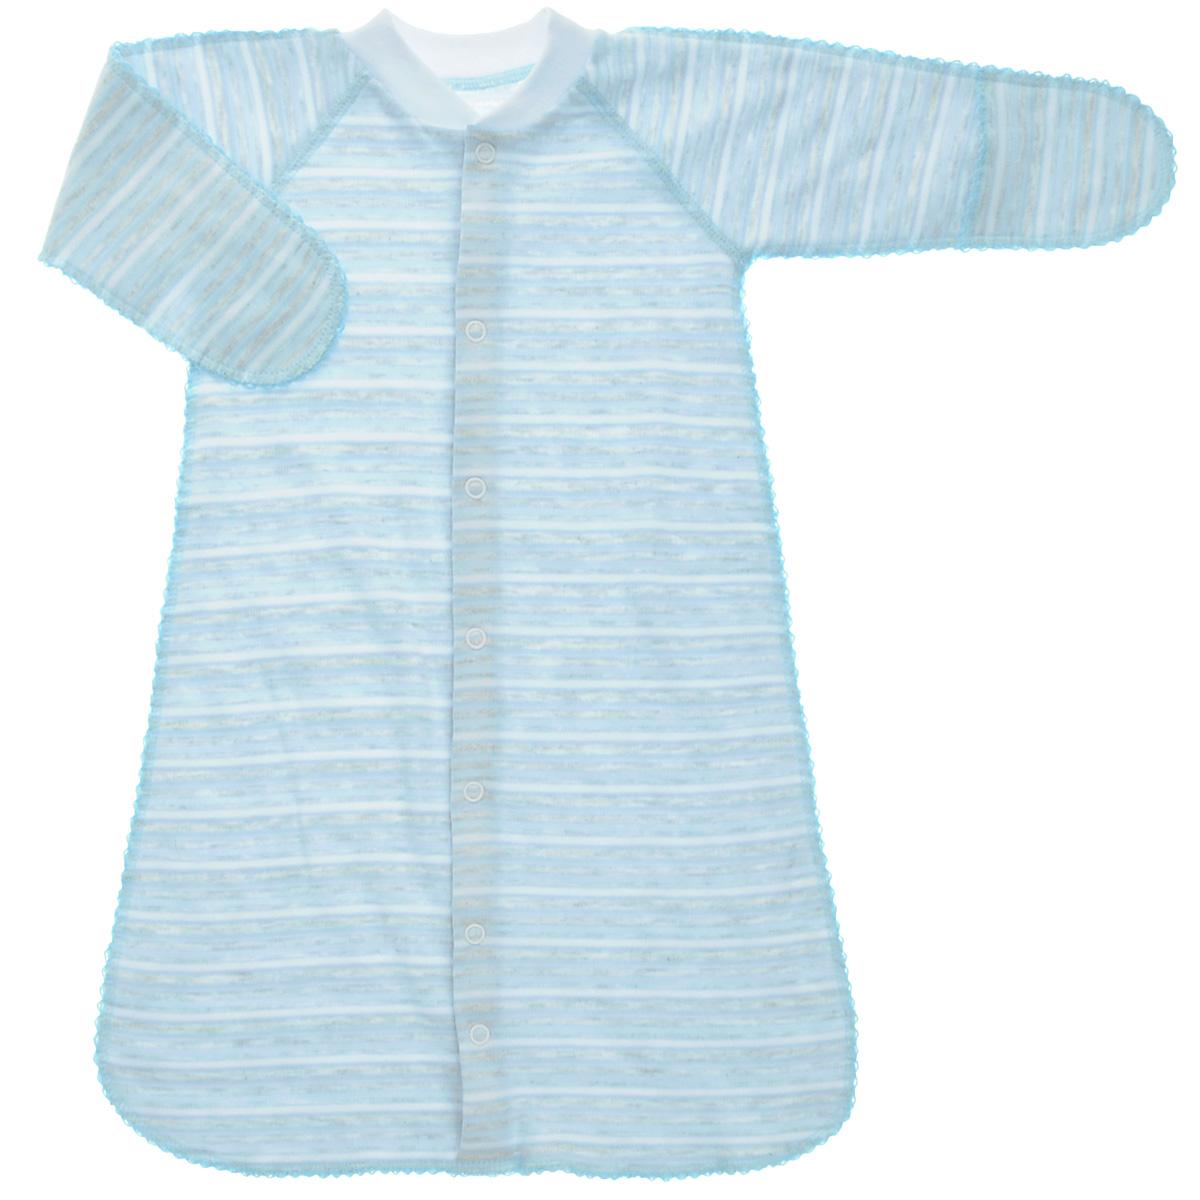 Спальный мешок унисекс Фреш стайл, цвет: голубой, белый, серый. 39-528. Размер 20, 56 см, 0-1 месяц39-528Спальный мешок Фреш Стайл идеально подойдет вашему ребенку для сна и прогулок, обеспечивая ему наибольший комфорт. Изготовленный 100% хлопка, он необычайно мягкий и легкий, не раздражают нежную кожу ребенка и хорошо вентилируются, а эластичные швы приятны телу ребенка и не препятствуют его движениям. Спальный мешок с длинными рукавами и швами наружу застегивается на удобные застежки-кнопки по всей длине, которые помогают легко переодеть младенца или сменить подгузник. Благодаря рукавичкам ребенок не поцарапает себя.Спальный мешок полностью соответствует особенностям жизни ребенка в ранний период, не стесняя и не ограничивая ее в движениях!